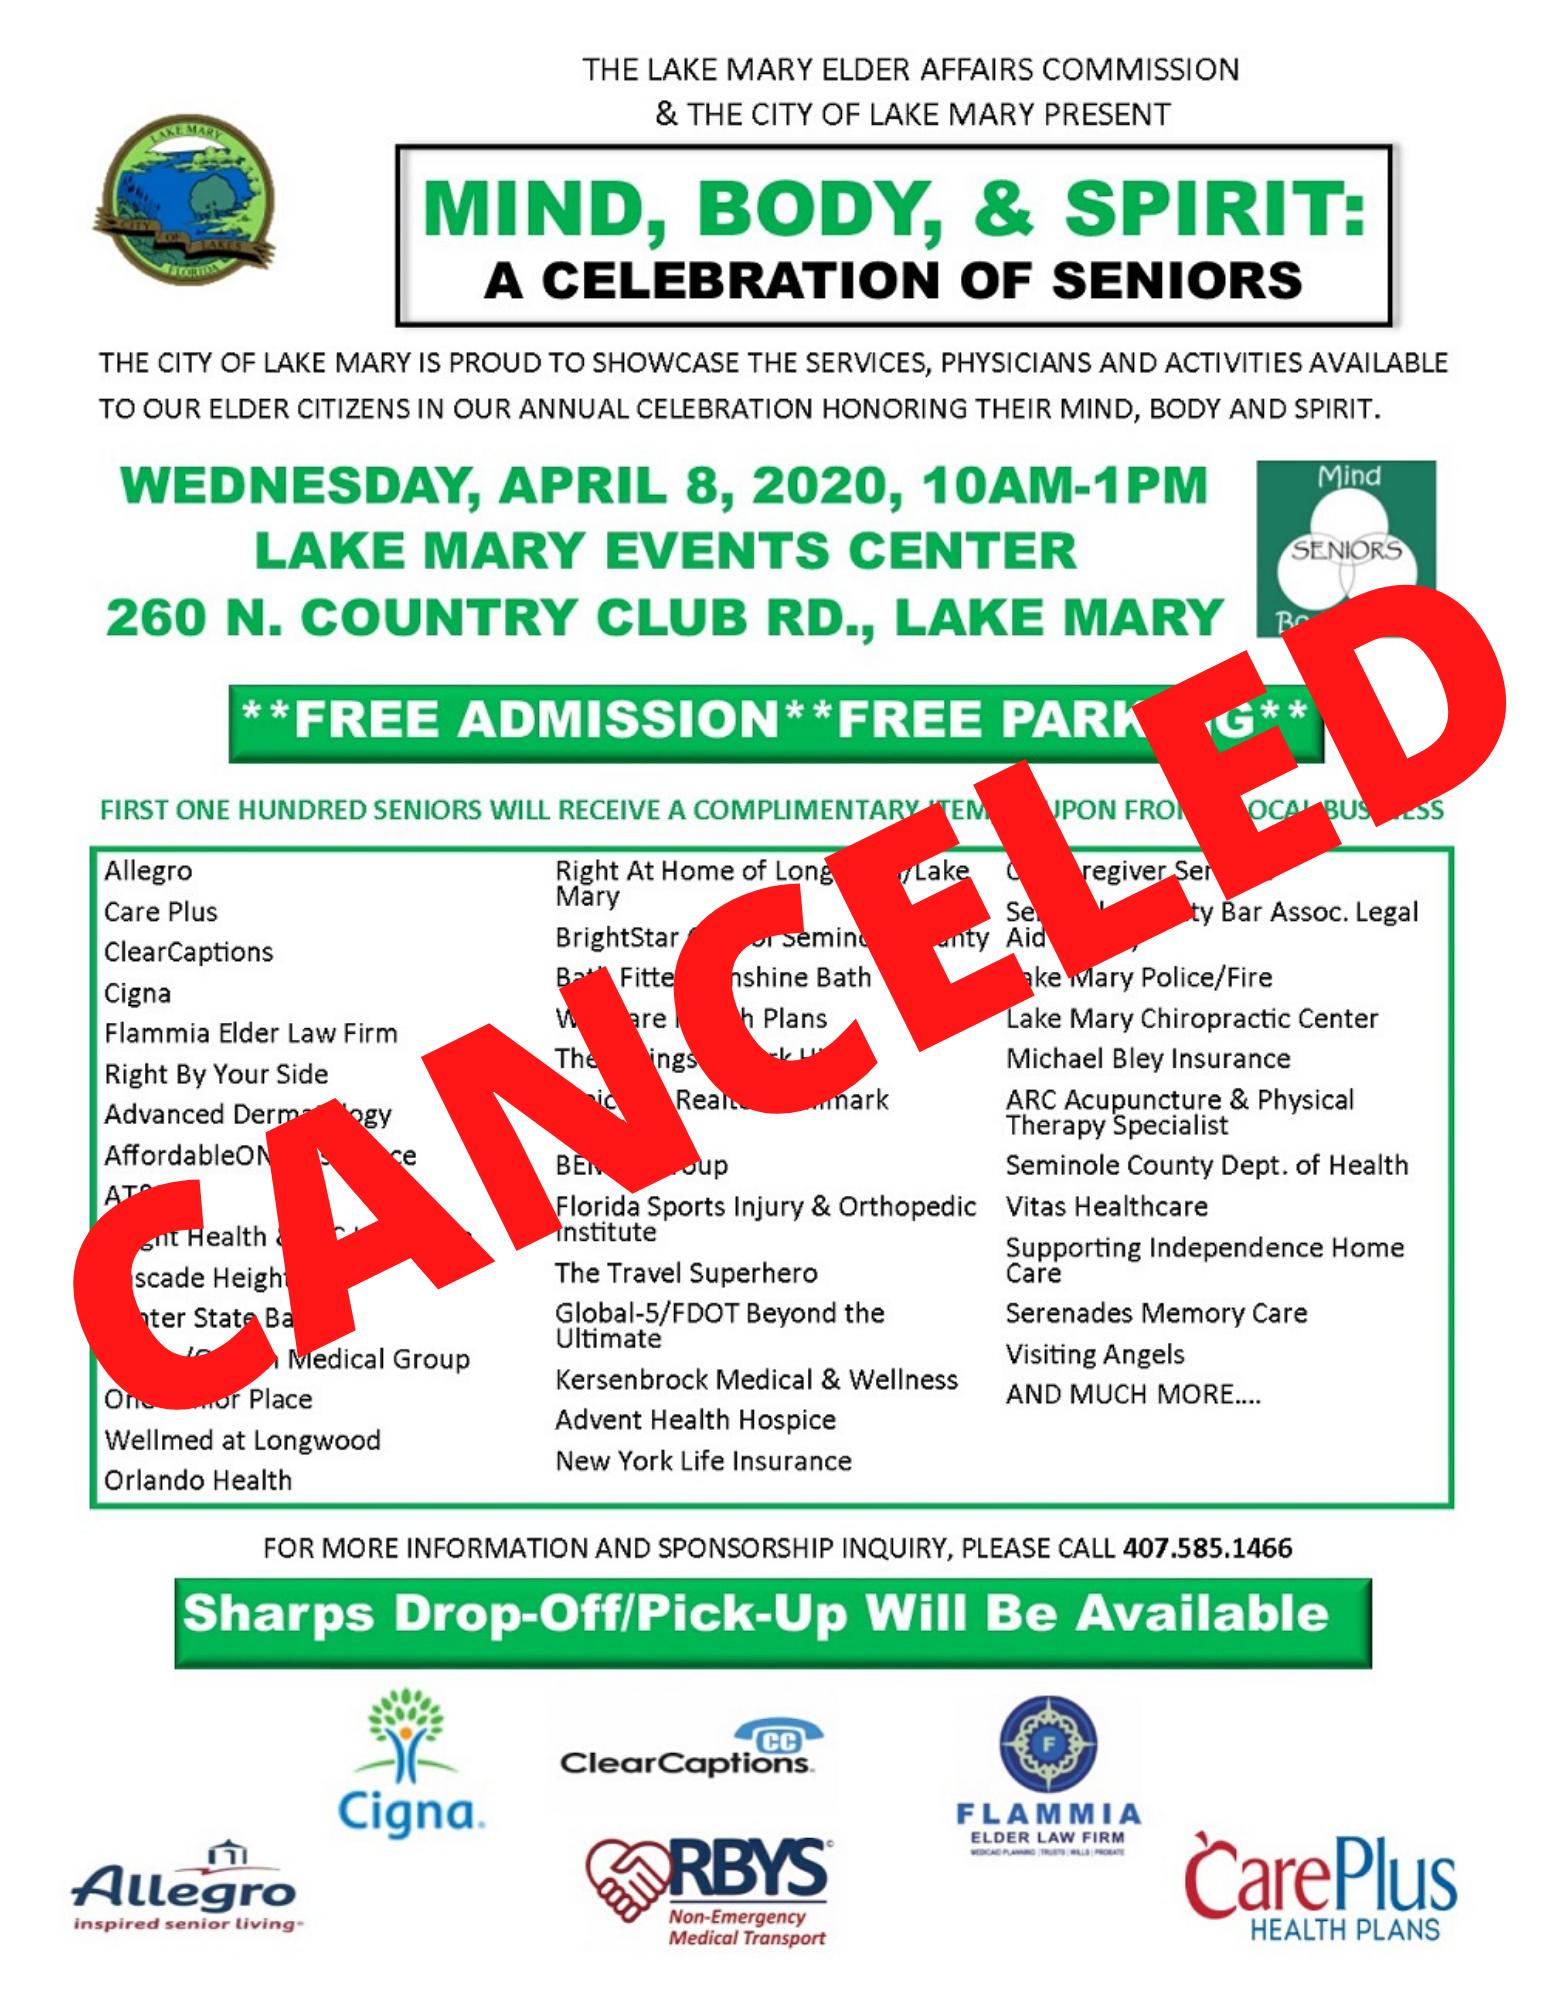 CANCELED: Senior Expo - Mind, Body, & Spirit: A Celebration of Seniors